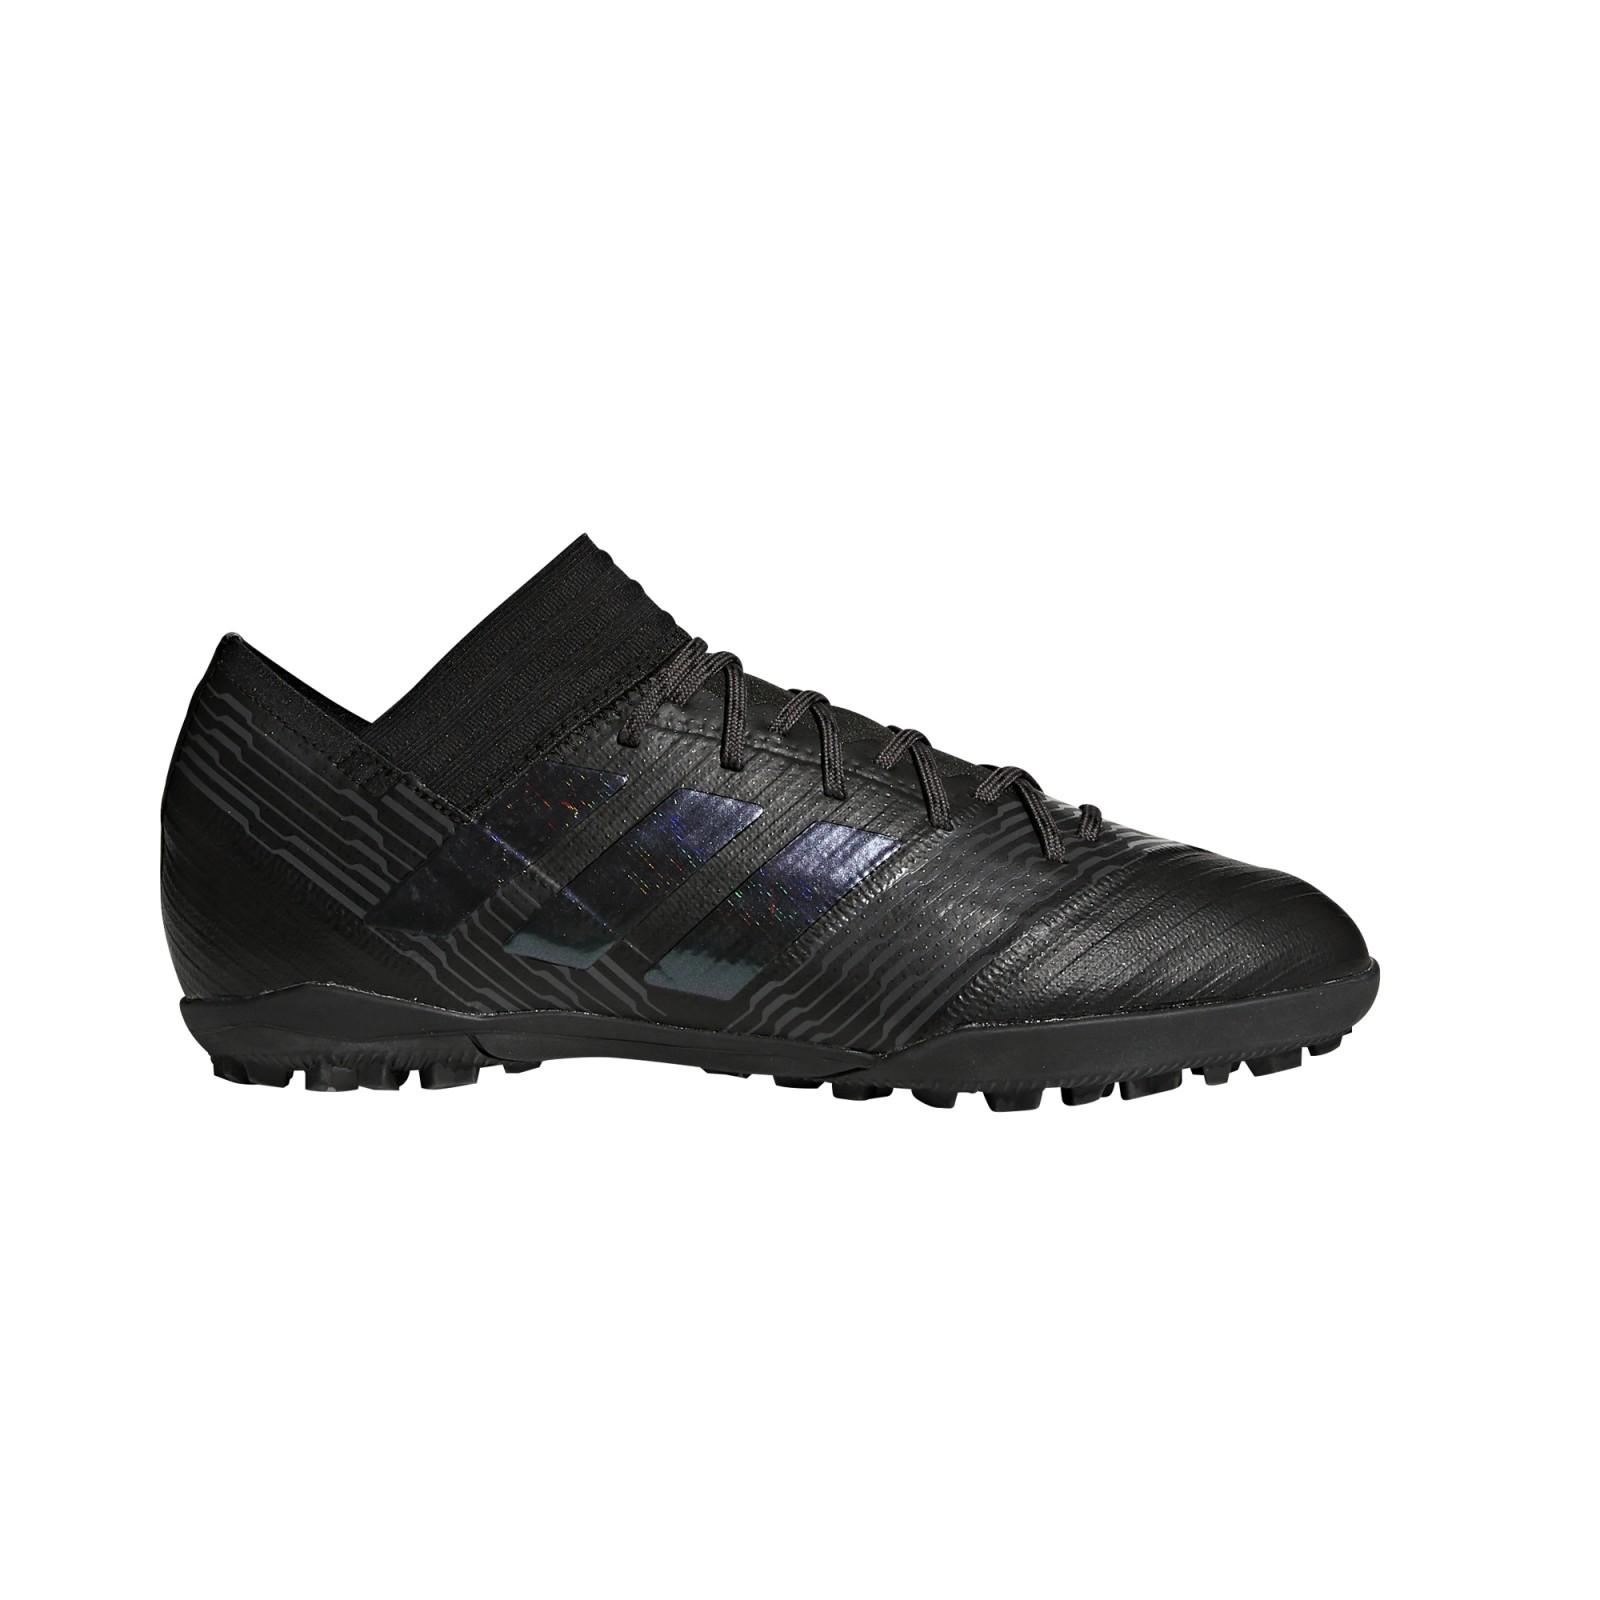 4570514bb77 Pánské Kopačky adidas Performance NEMEZIZ TANGO 17.3 TF